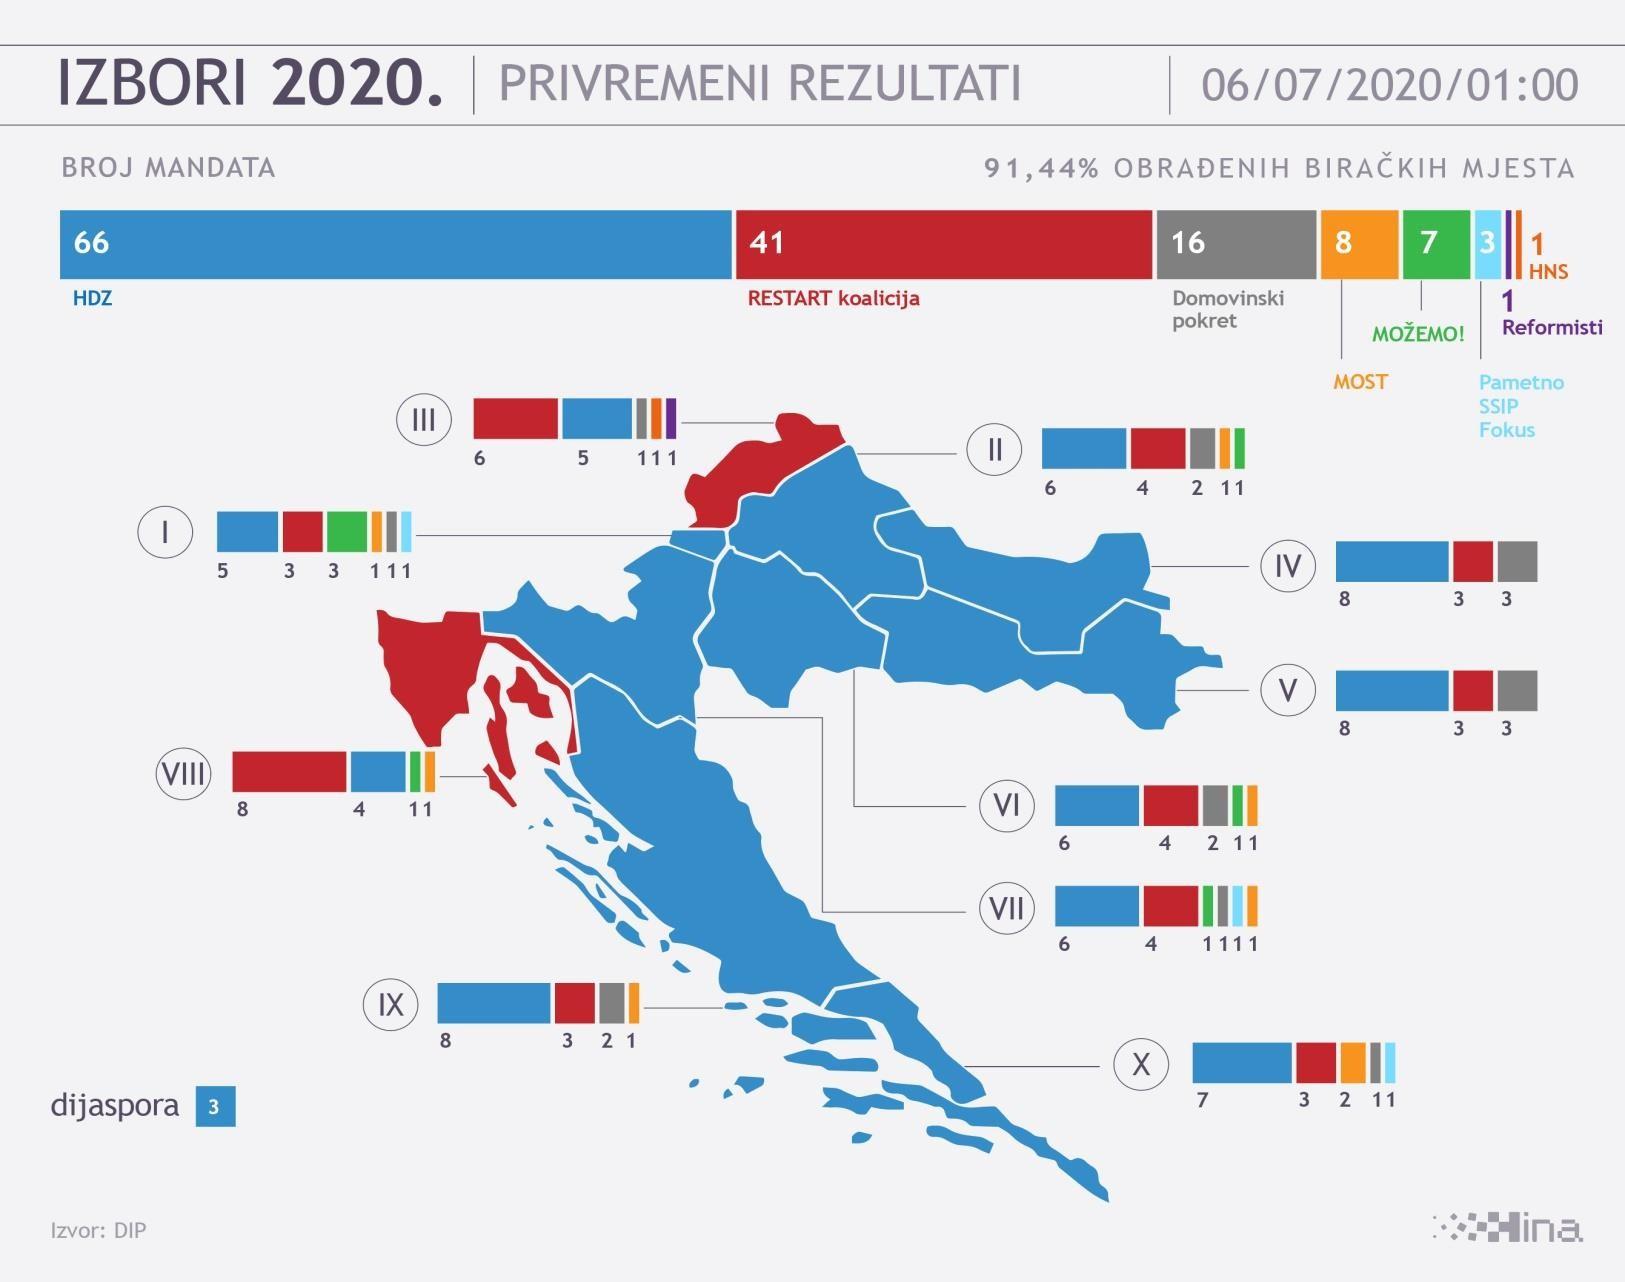 Hrv izbori 2020